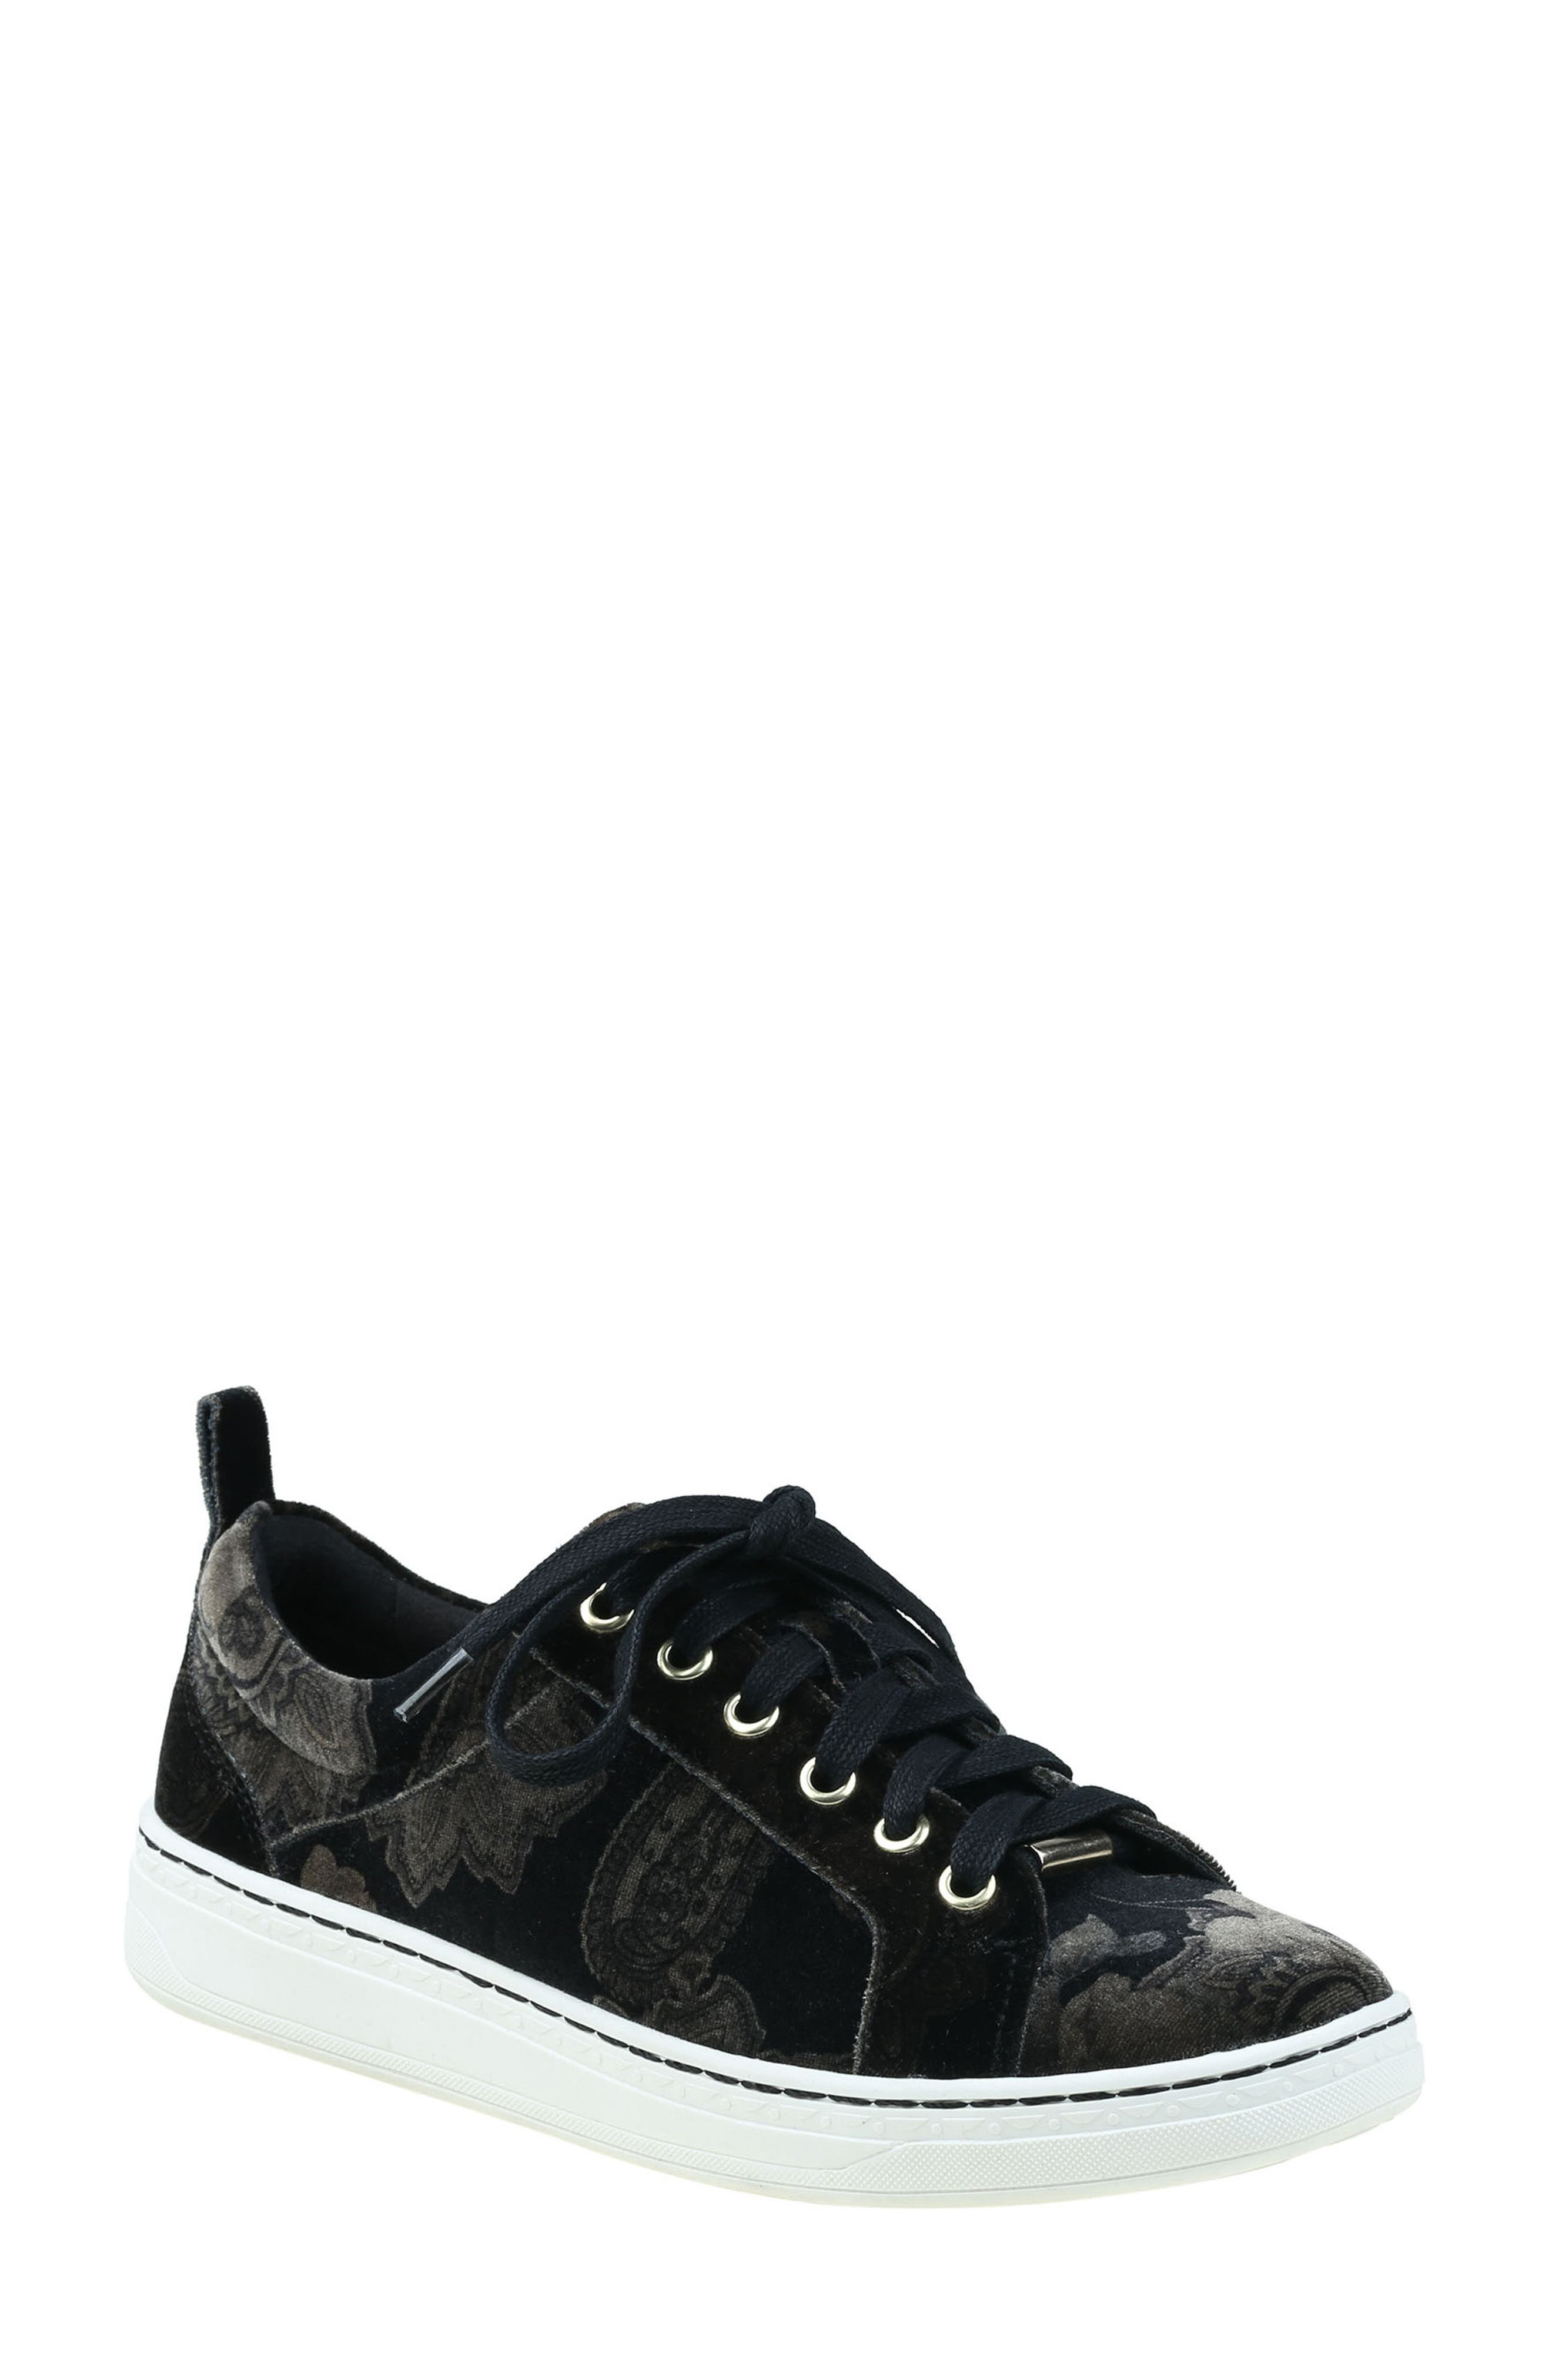 Zag Sneaker,                         Main,                         color, Black Printed Velvet